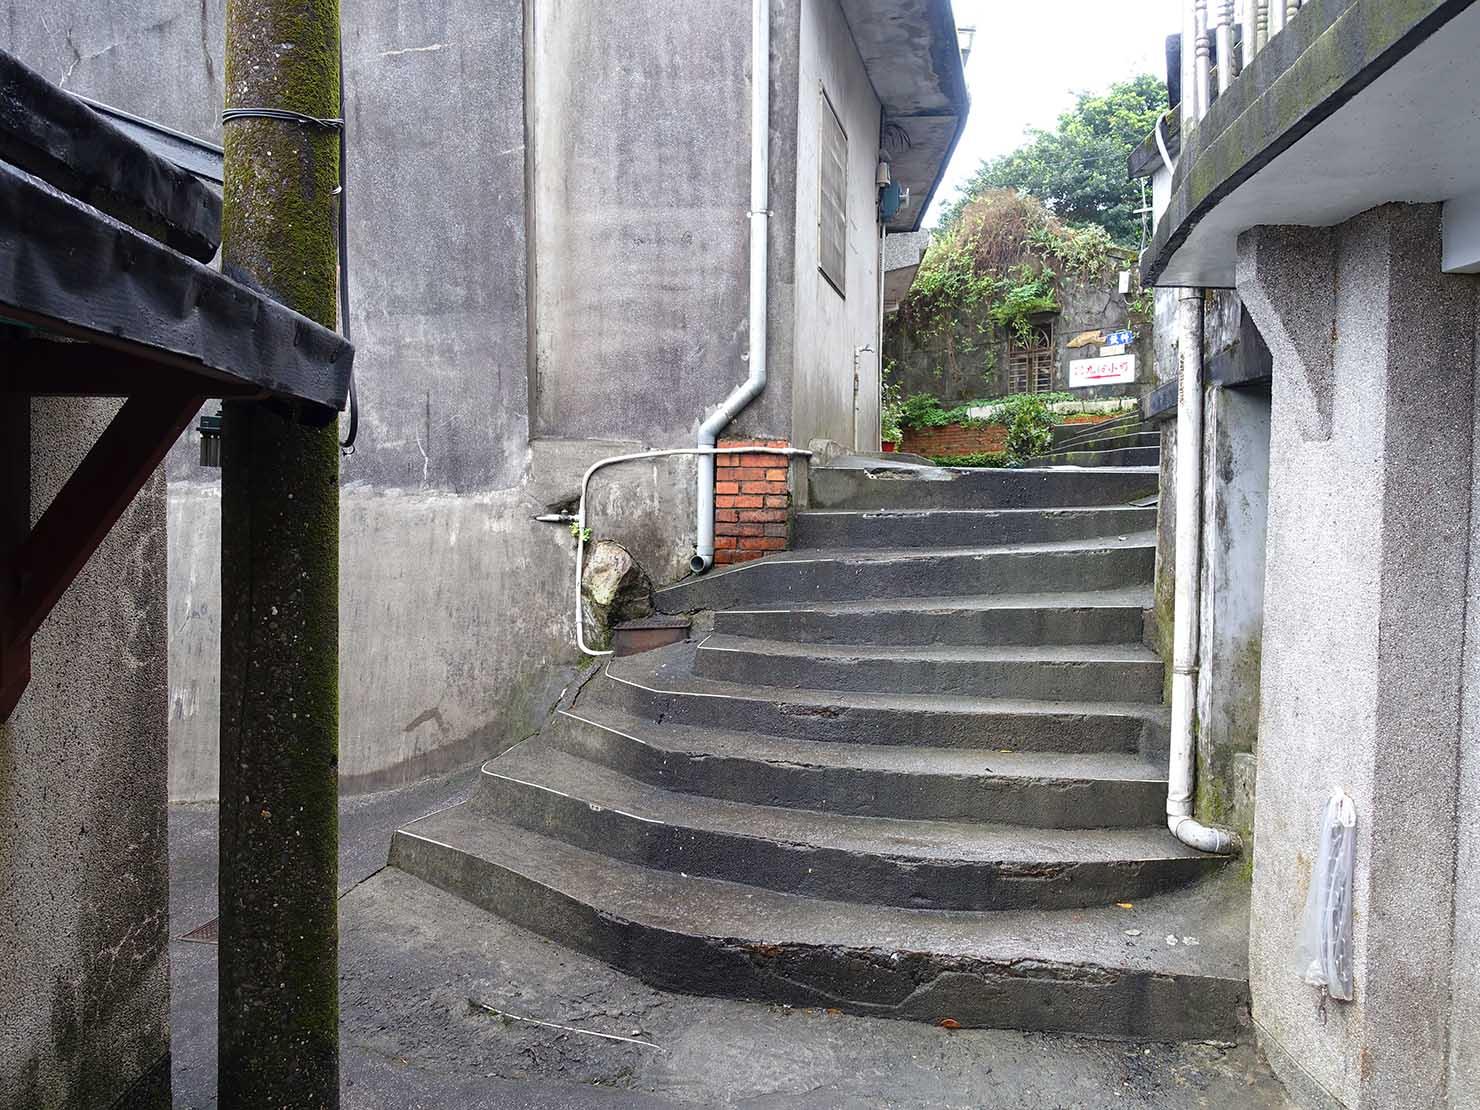 台北・九份のおすすめゲストハウス「九份小町」への階段